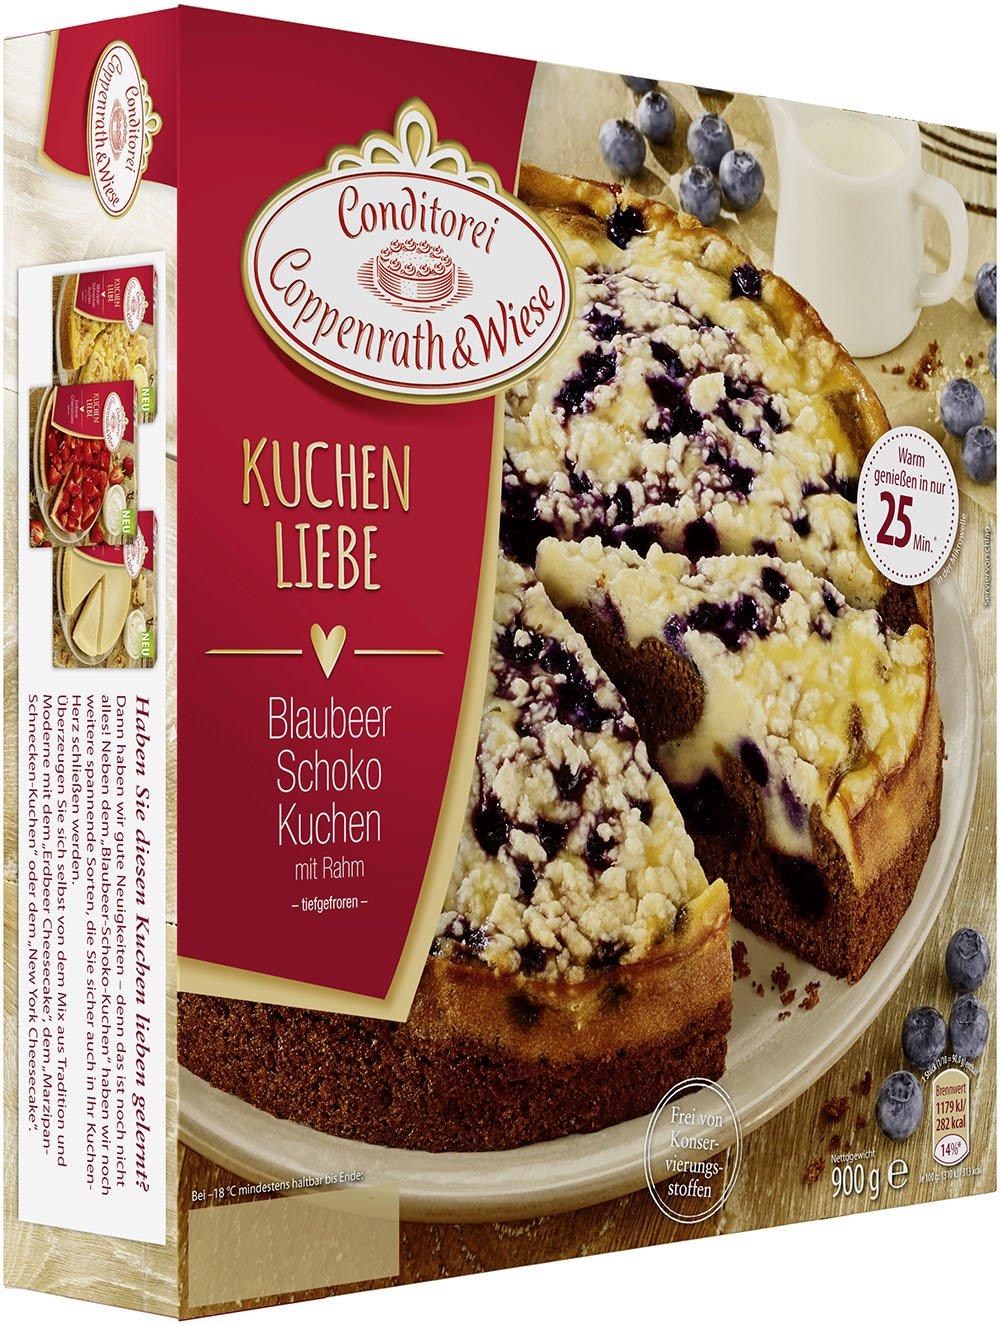 Conditorei Coppenrath Wiese Kuchenliebe Blaubeer Rahm Schoko